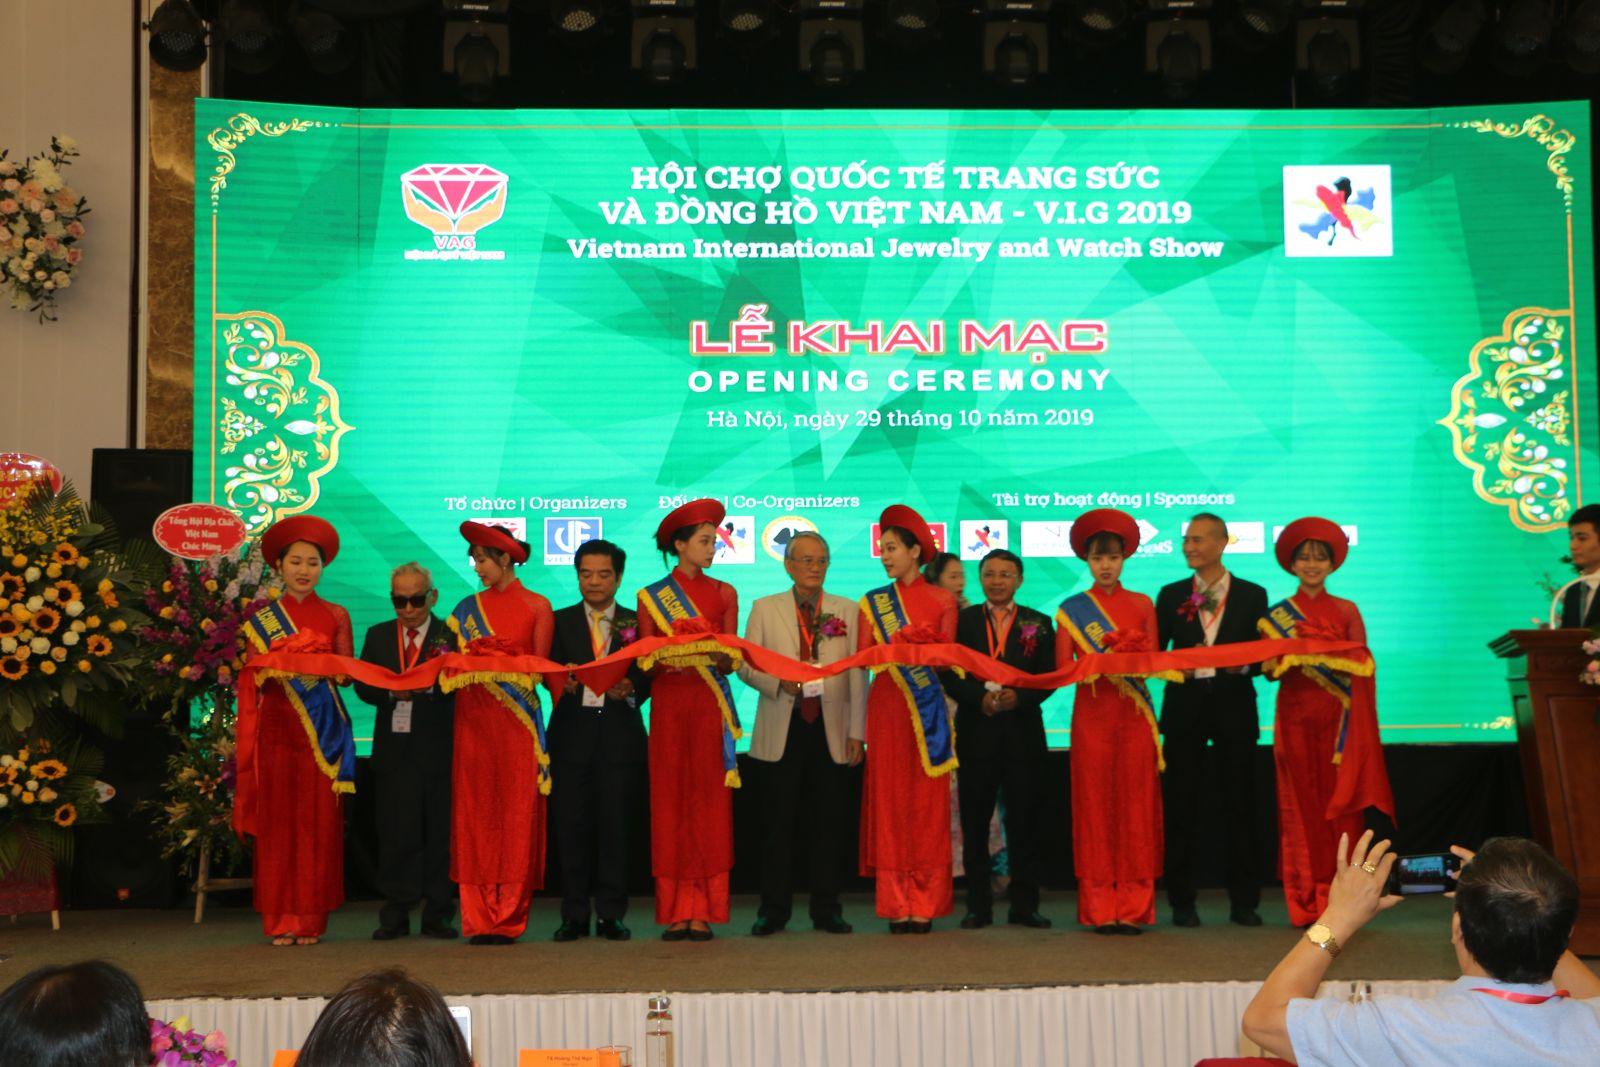 Khai mạc Hội chợ Quốc tế Trang sức và Đồng hồ Việt Nam